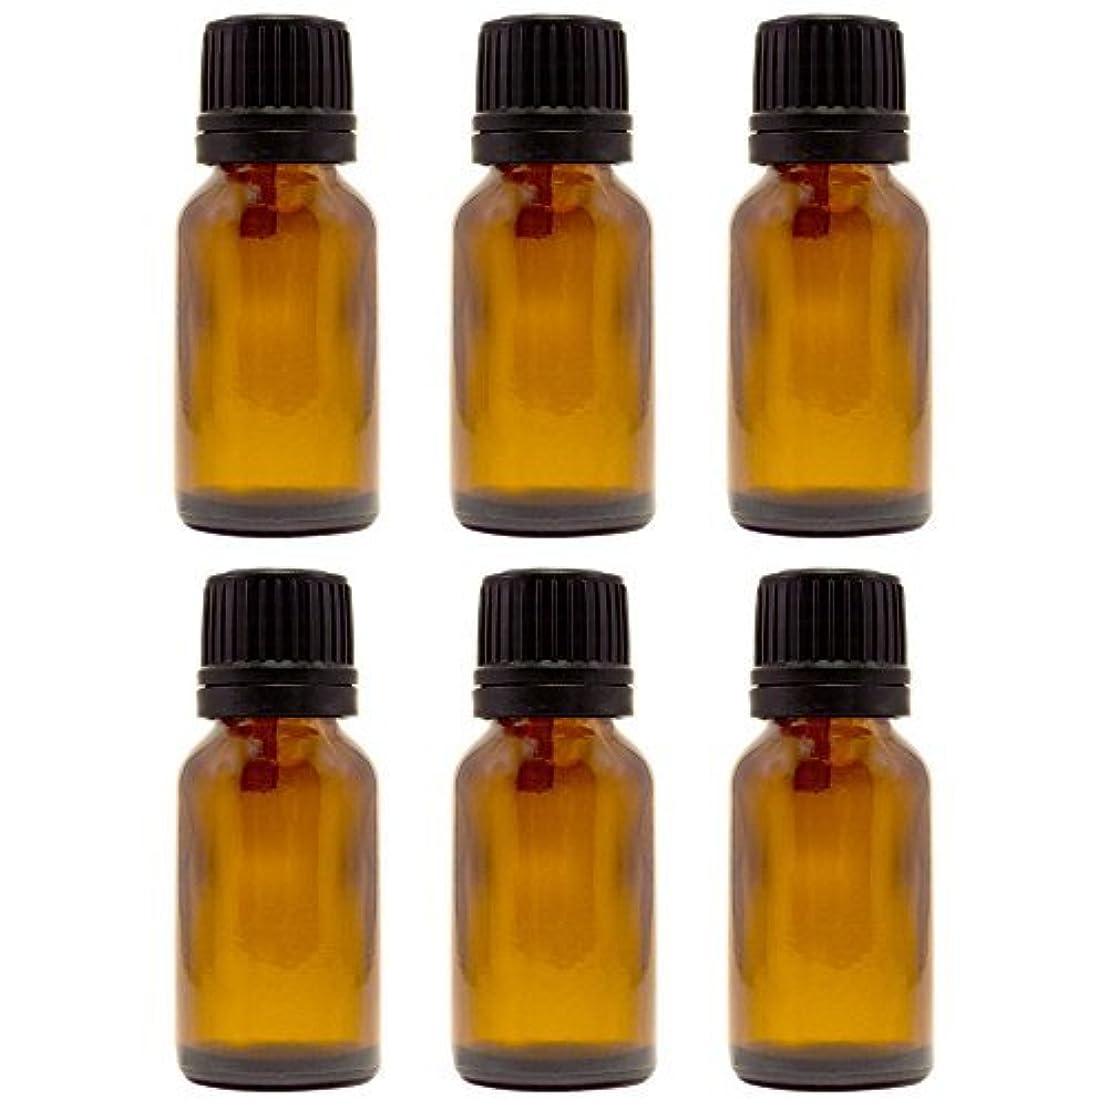 スリチンモイ送信する盲信15 ml (1/2 fl oz) Amber Glass Bottle with Euro Dropper (6 Pack) [並行輸入品]